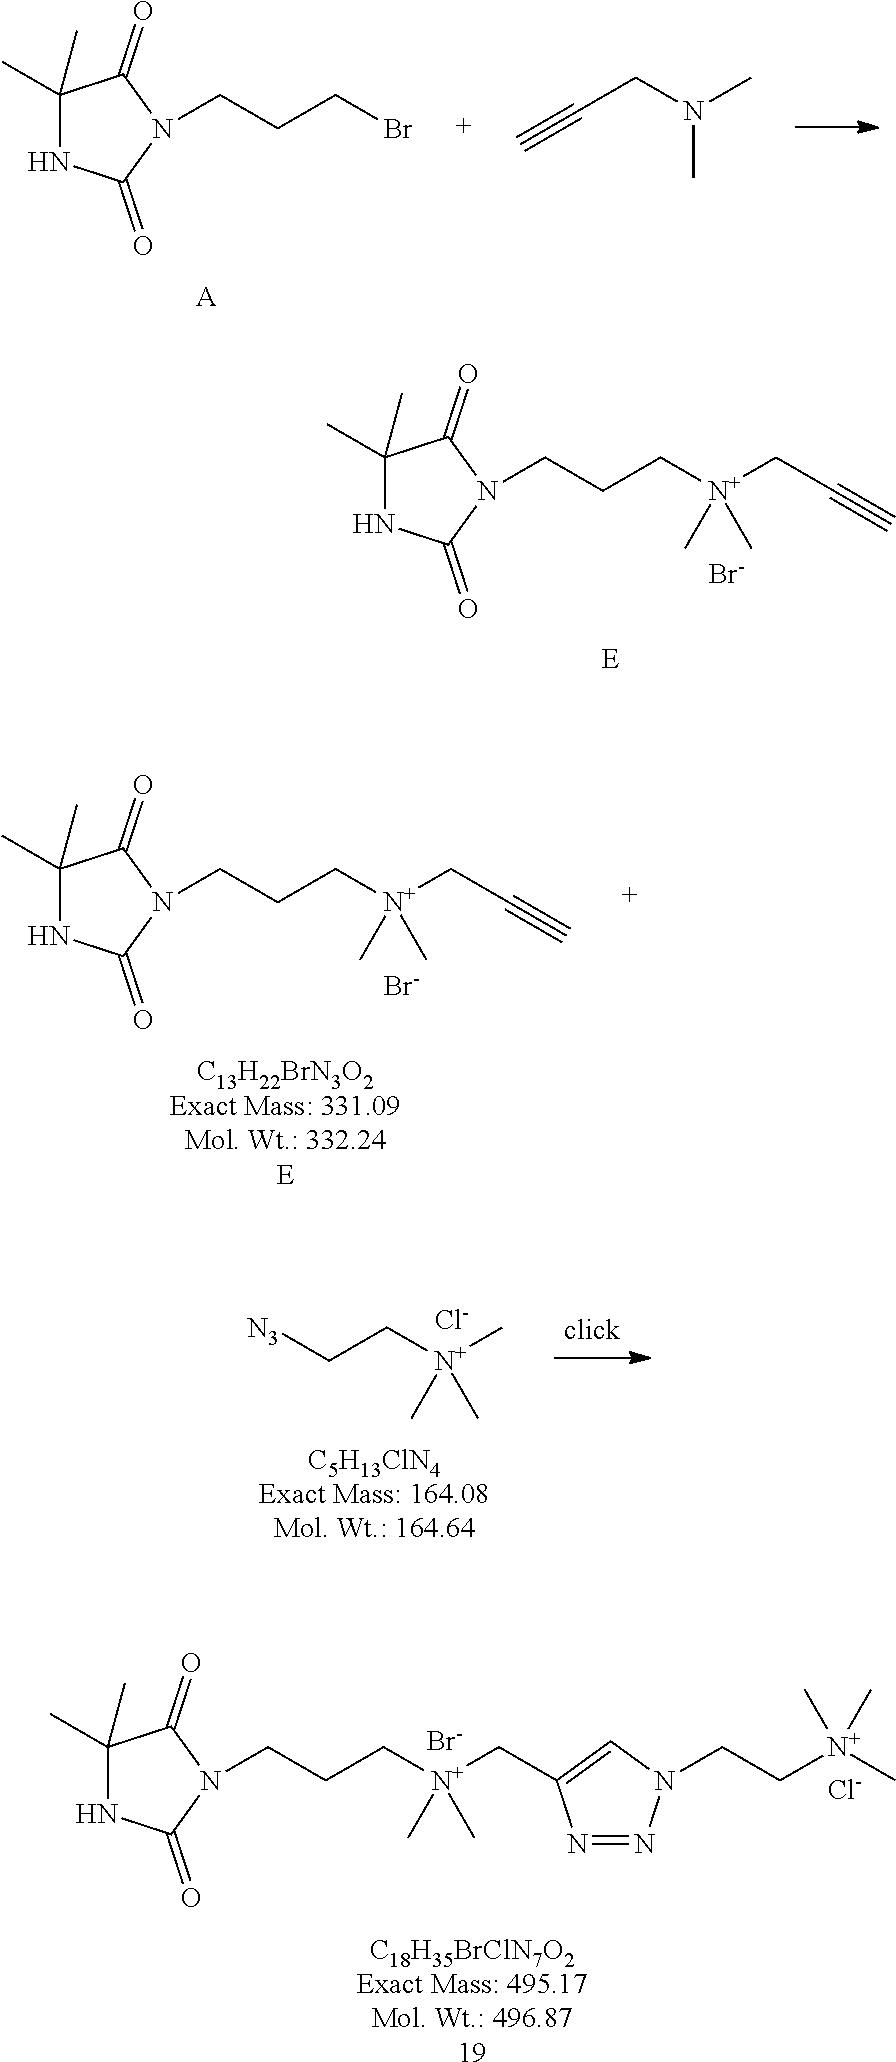 Figure US20180086740A1-20180329-C00035